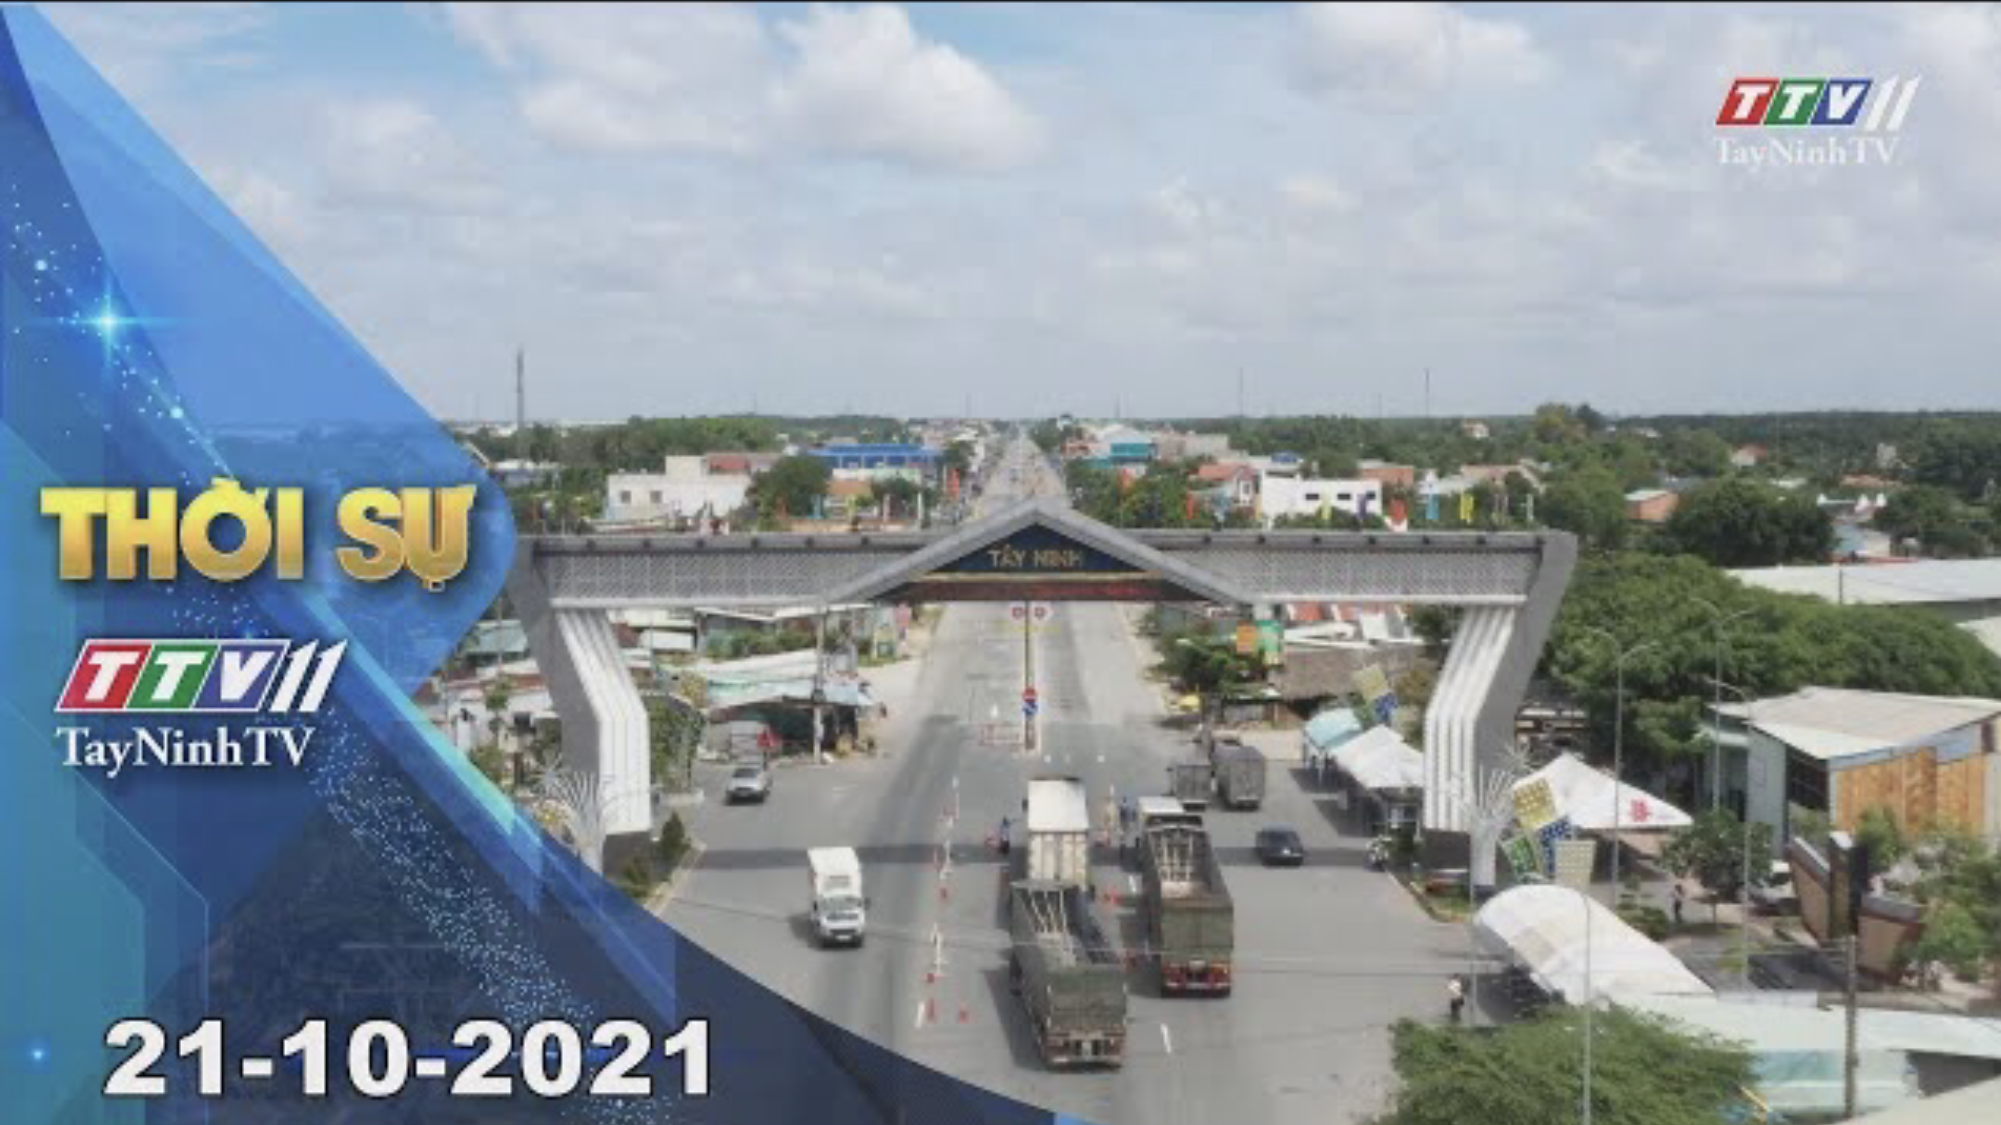 THỜI SỰ TÂY NINH 21/10/2021 | Tin tức hôm nay | TayNinhTV